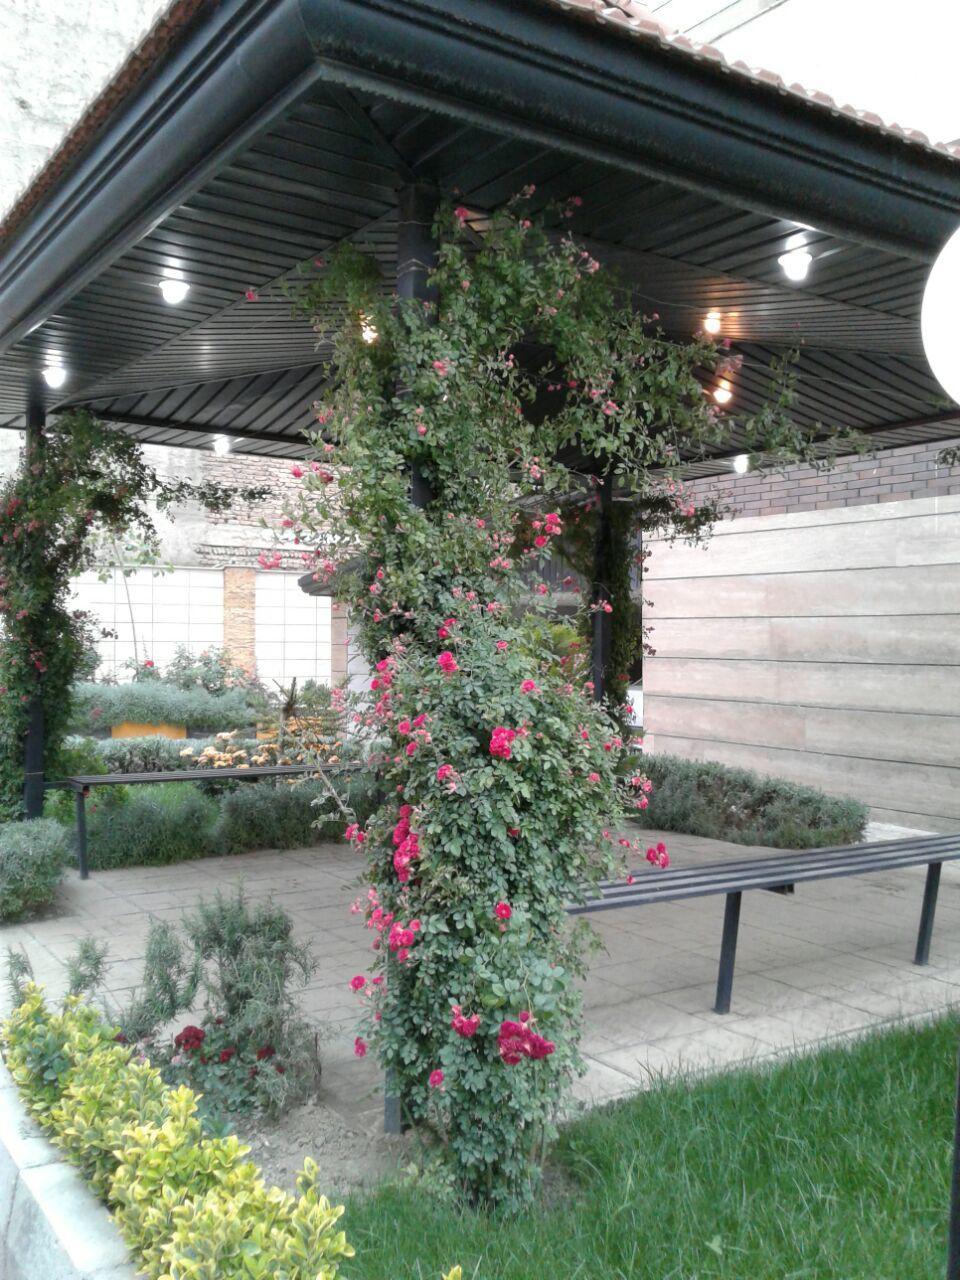 تلفیق گیاه و سازه برای ایجاد فضای مطلوب و تاکید بر فضا